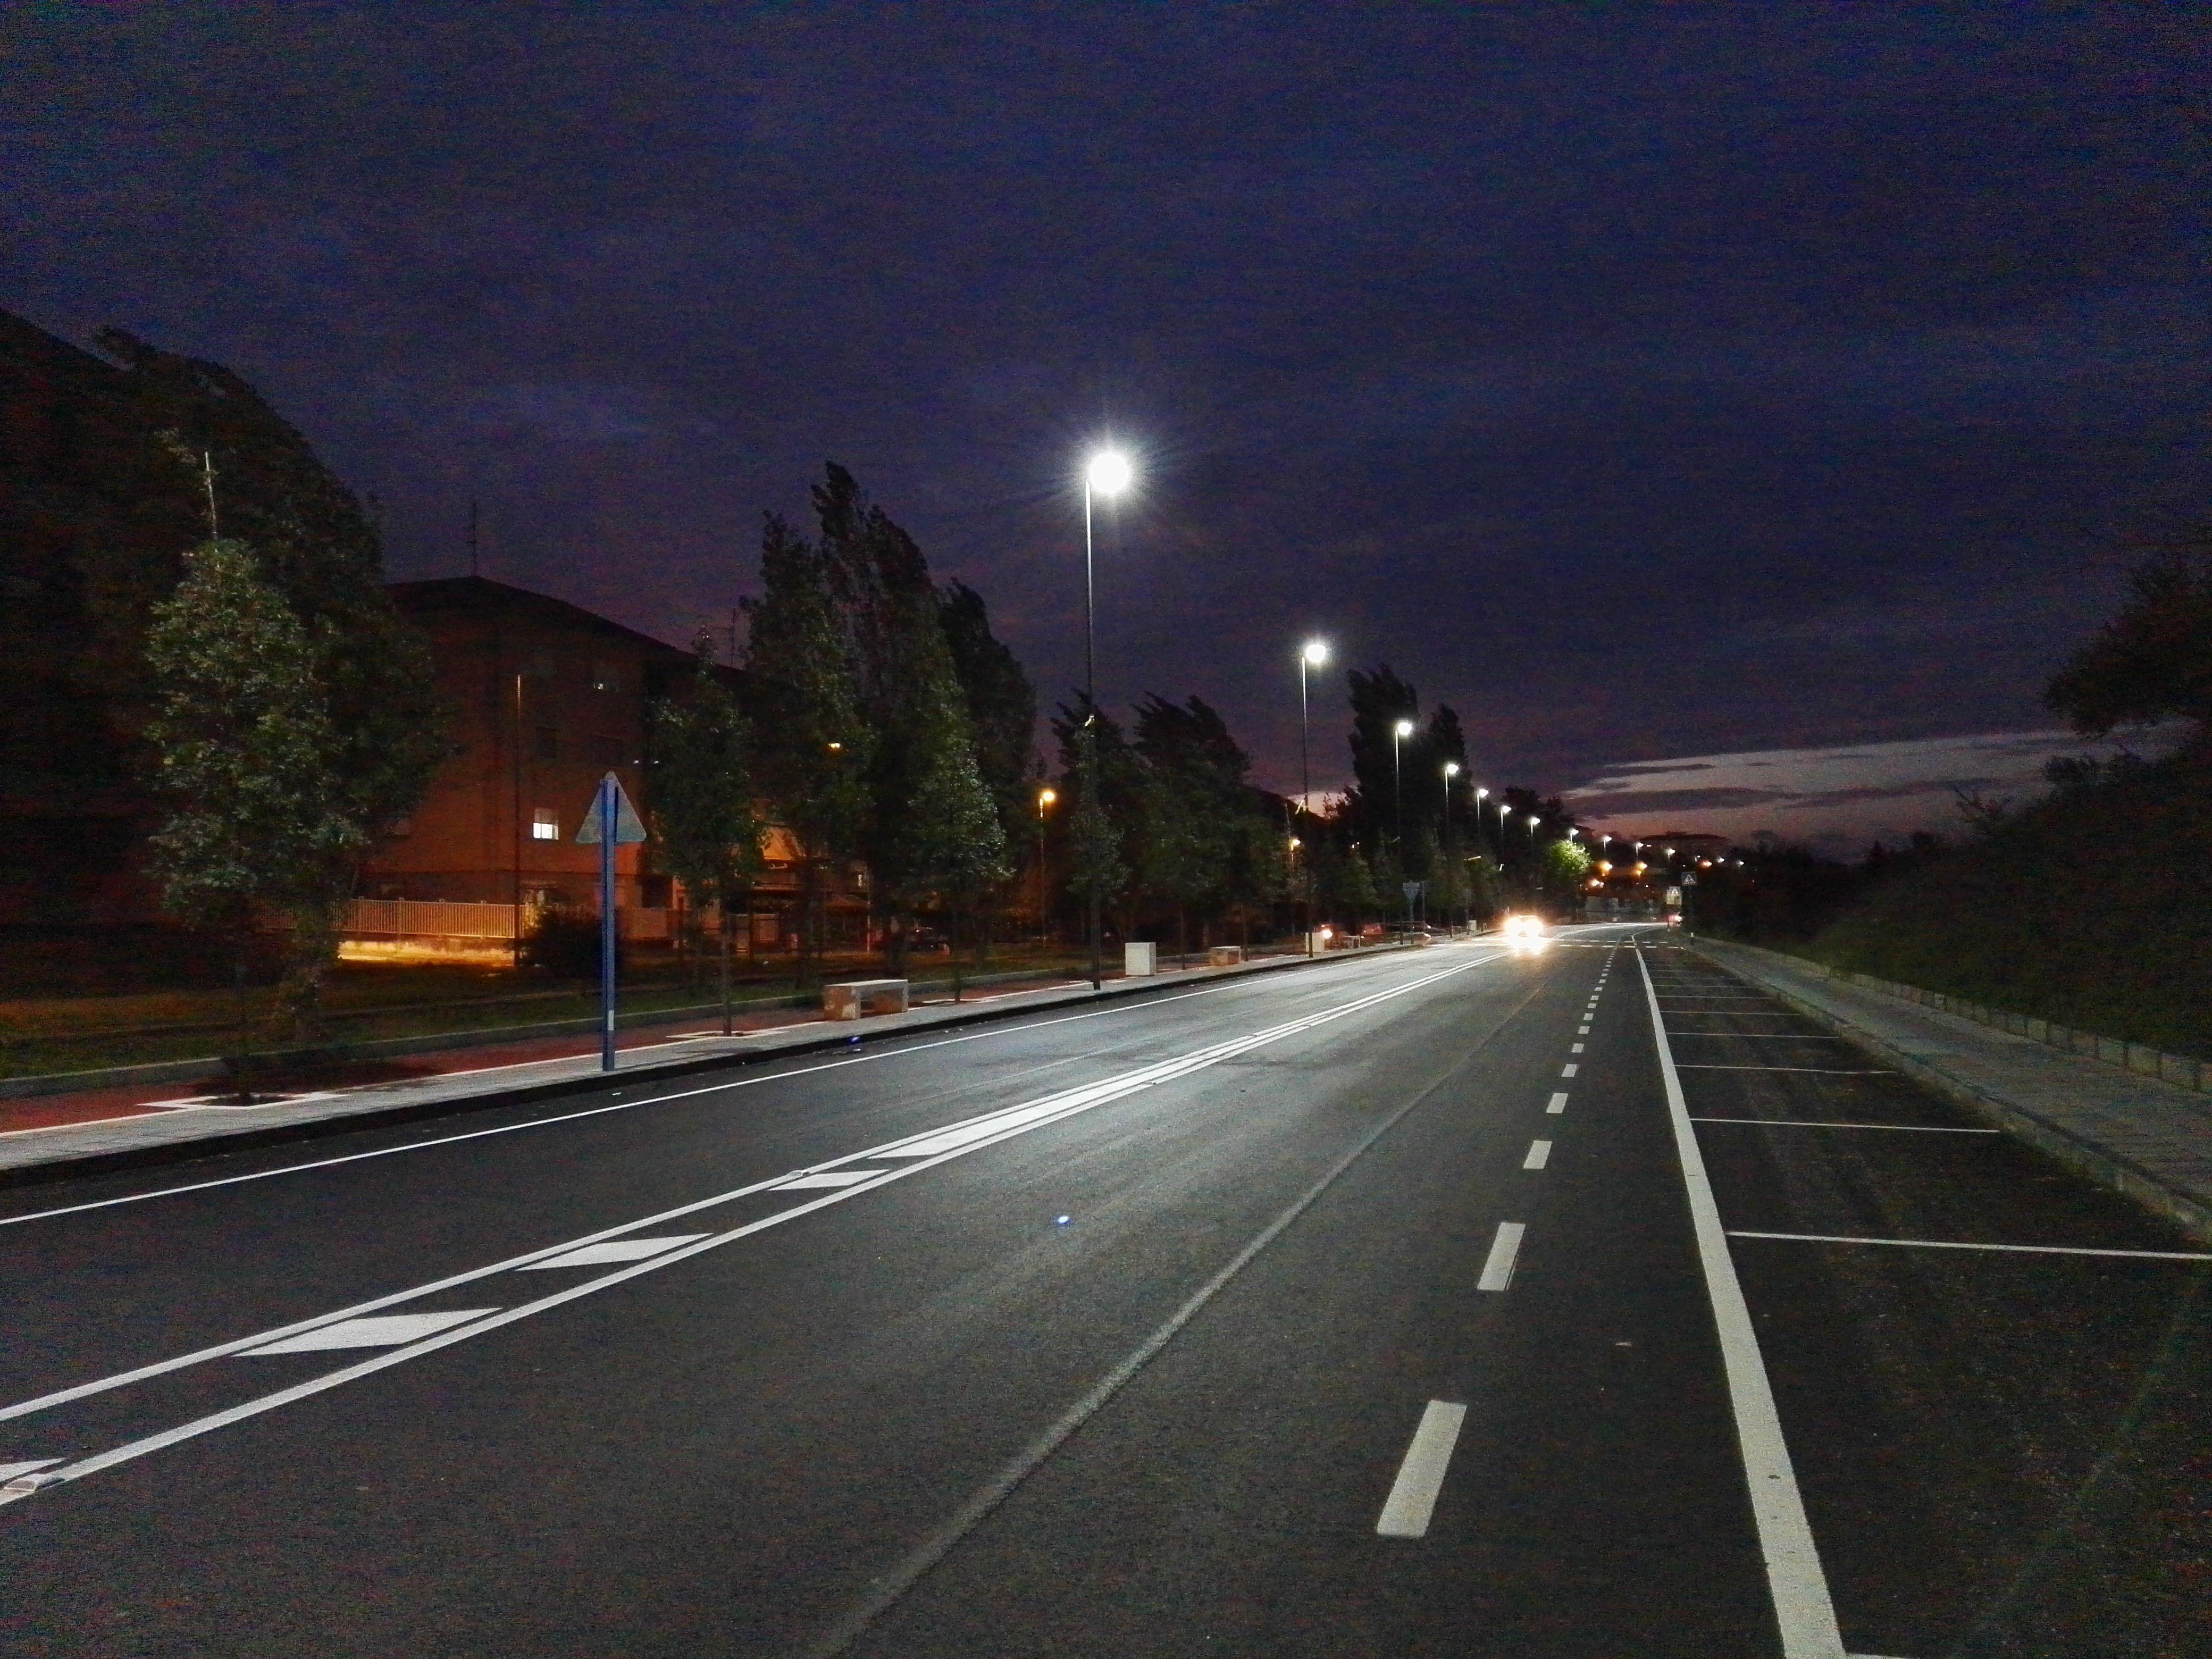 bn-pubblica-illuminazione